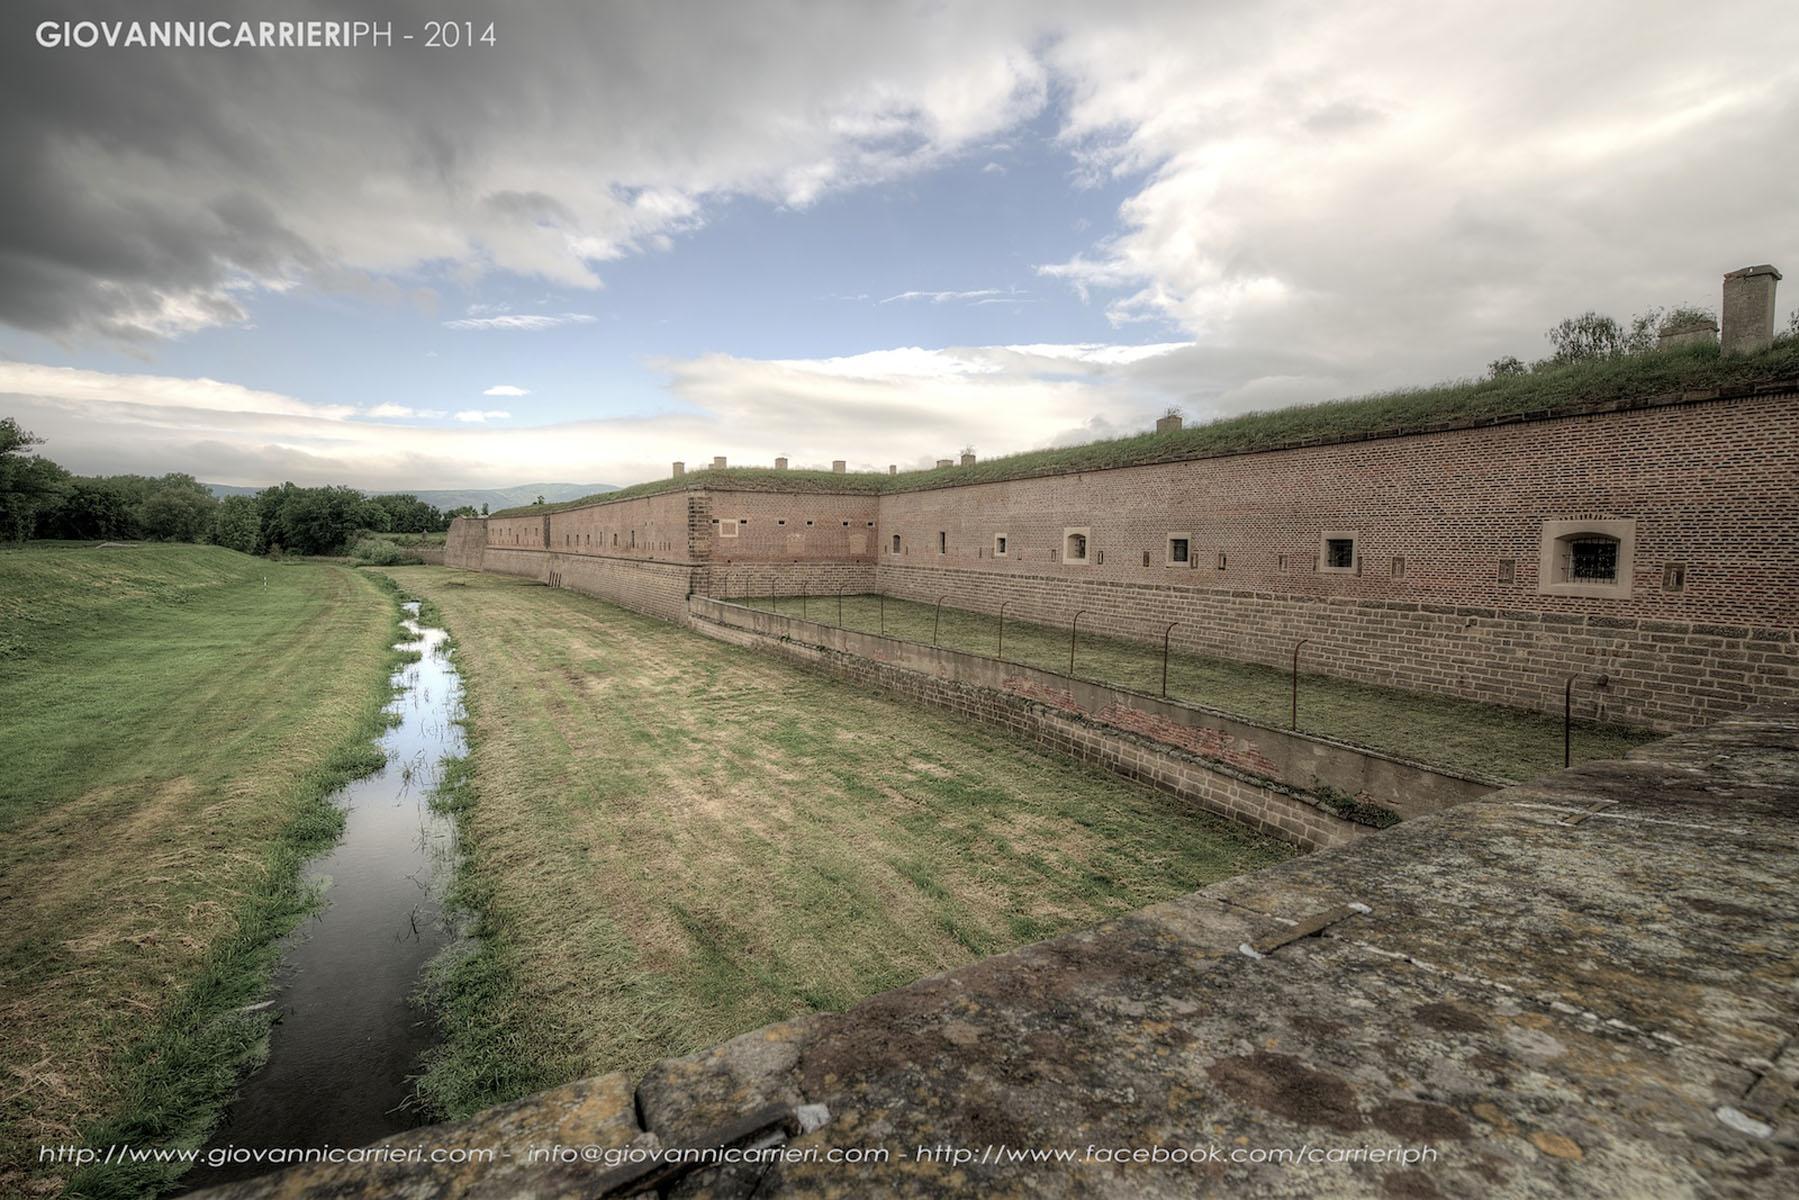 Il perimetro della fortezza piccola Theresienstadt